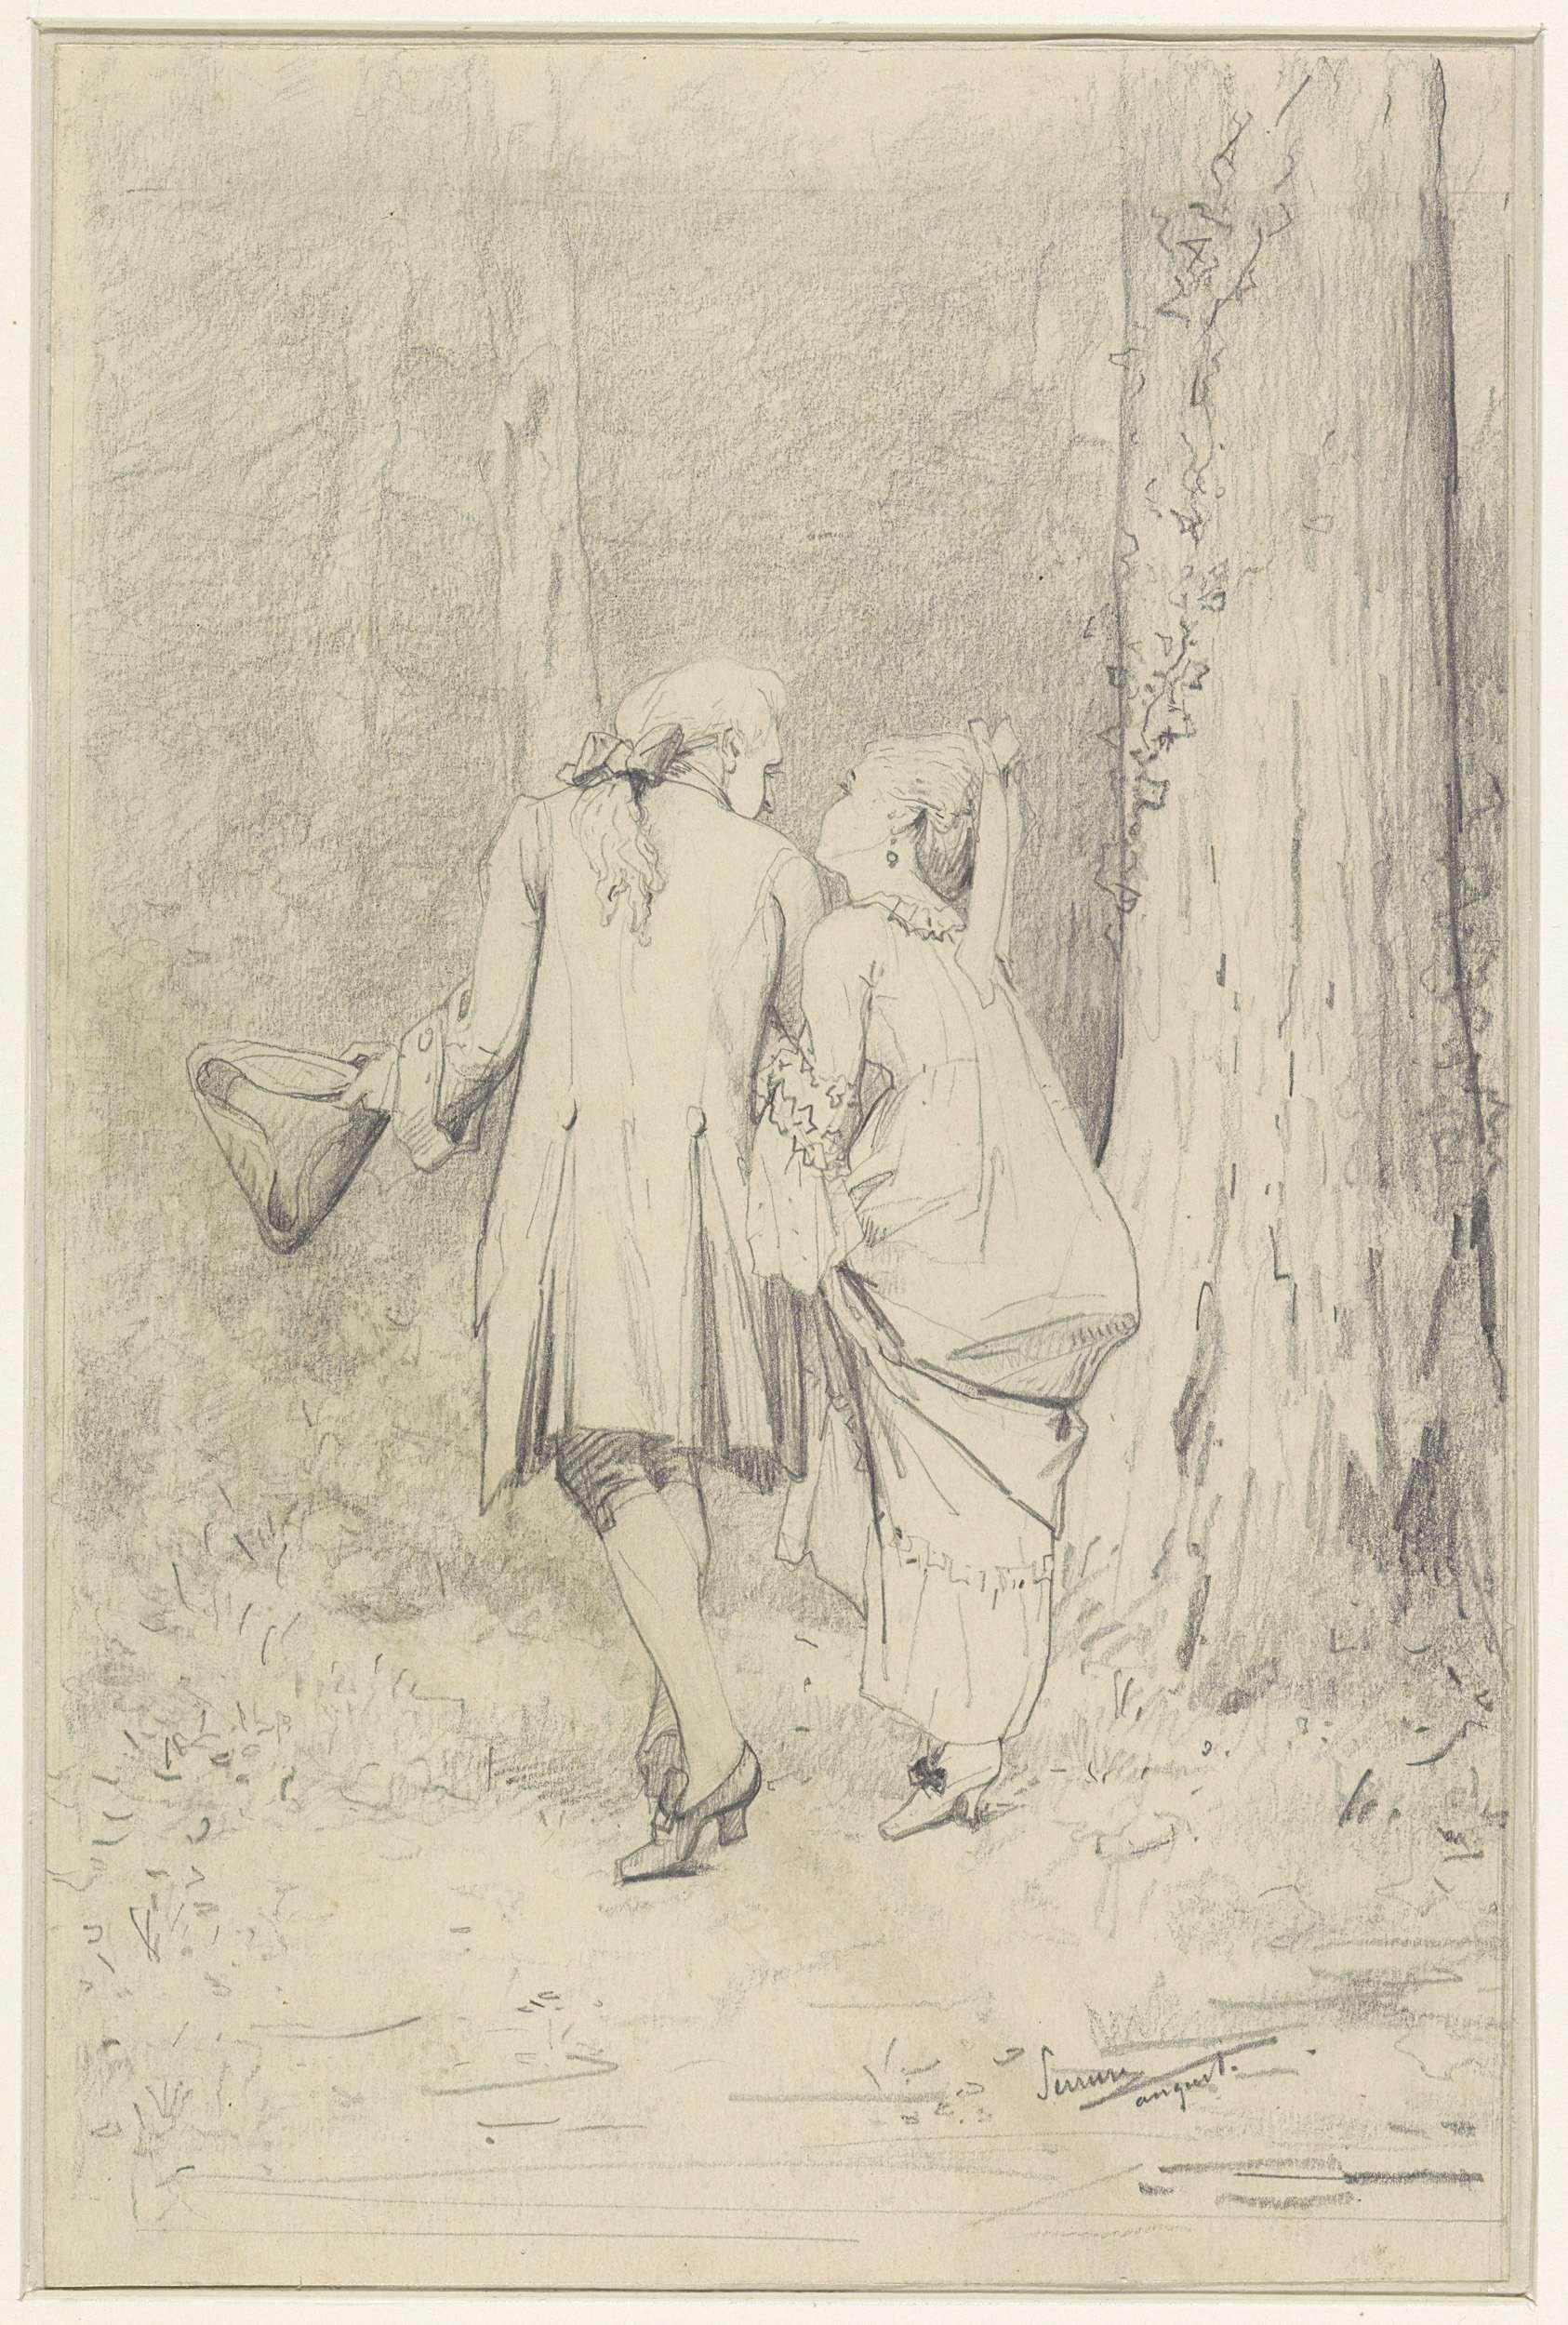 Küchendesign-logo wandelend paar in bos  auguste serrure      rijksmuseum